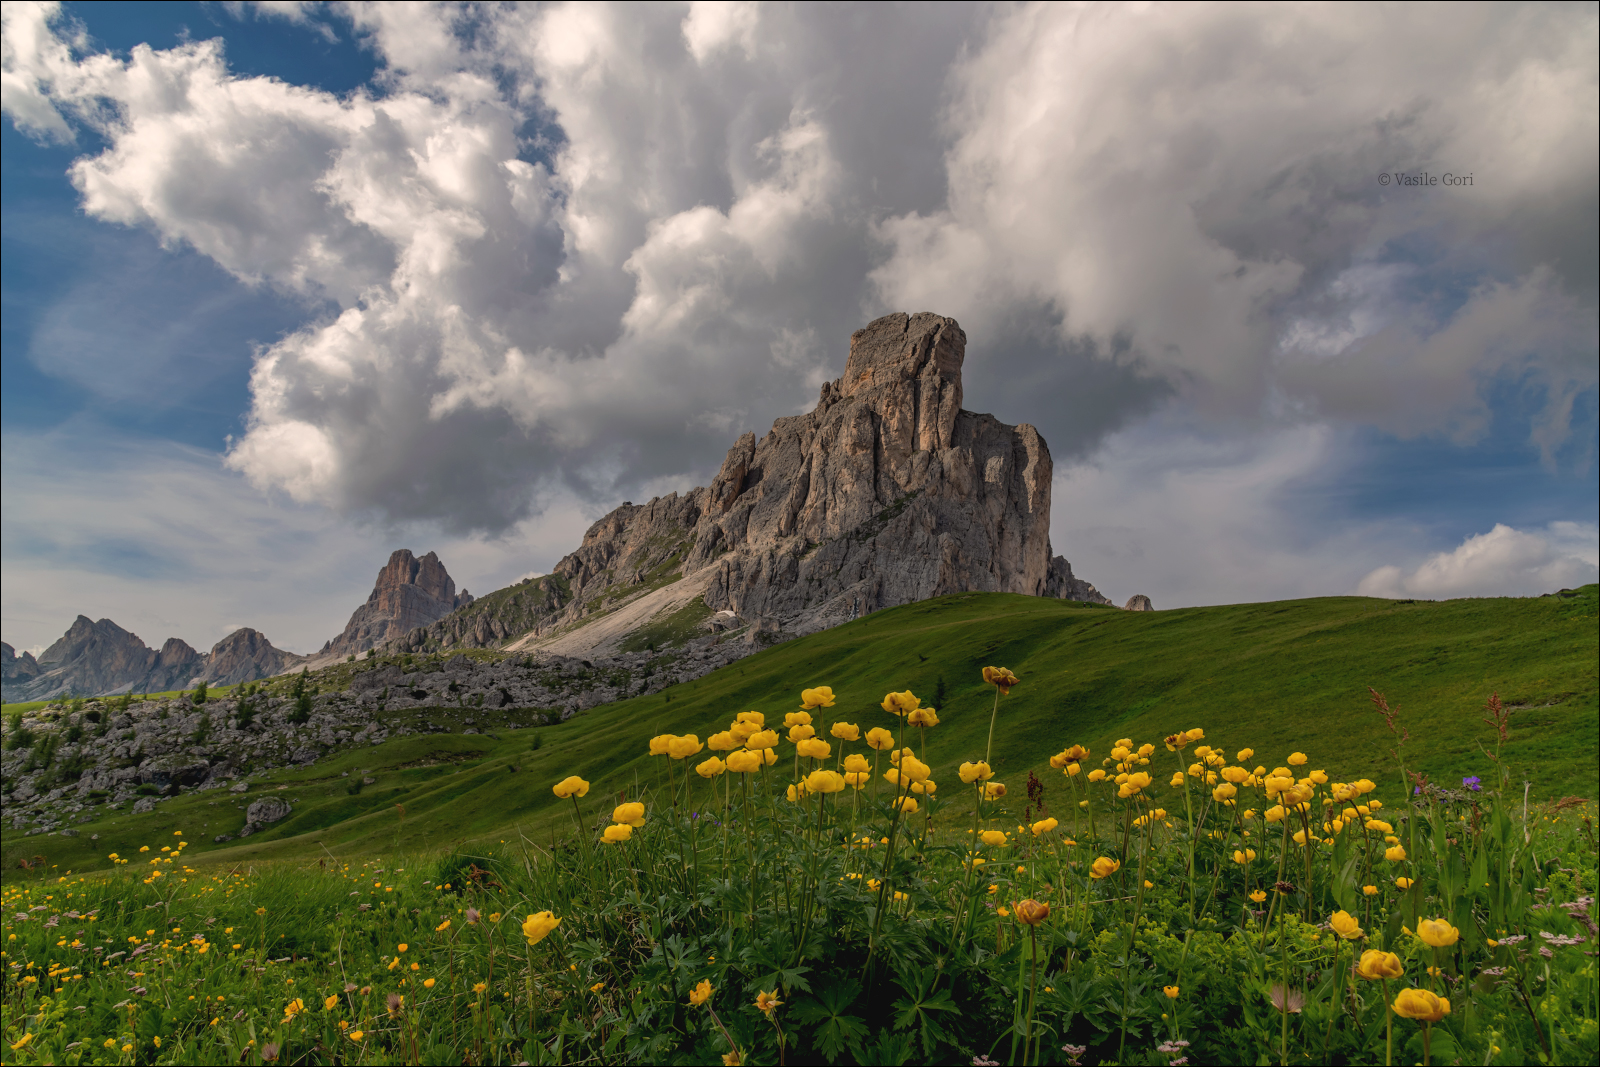 доломитовые альпы,passo giau,панорама,лето,италия,alps,пейзаж,dolomites,цветение, Гори Василий